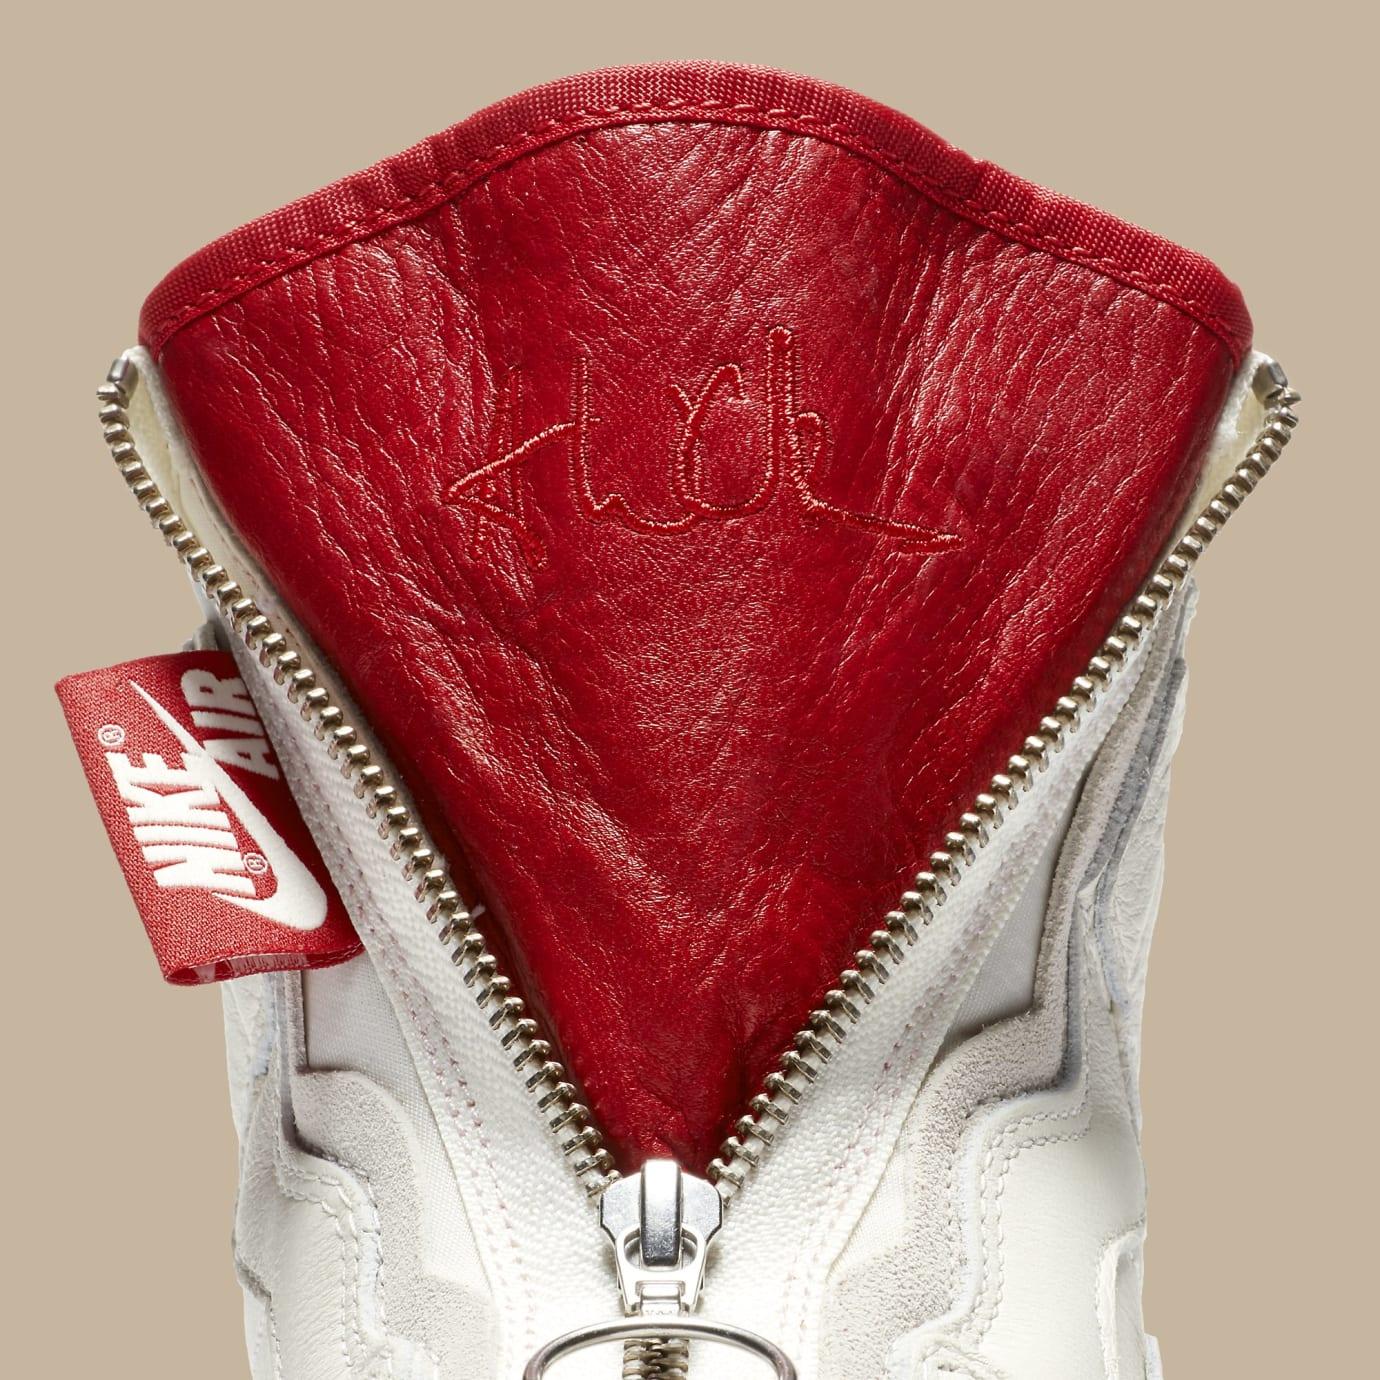 Vogue x Air Jordan 1 Zip AWOK Sail Tongue